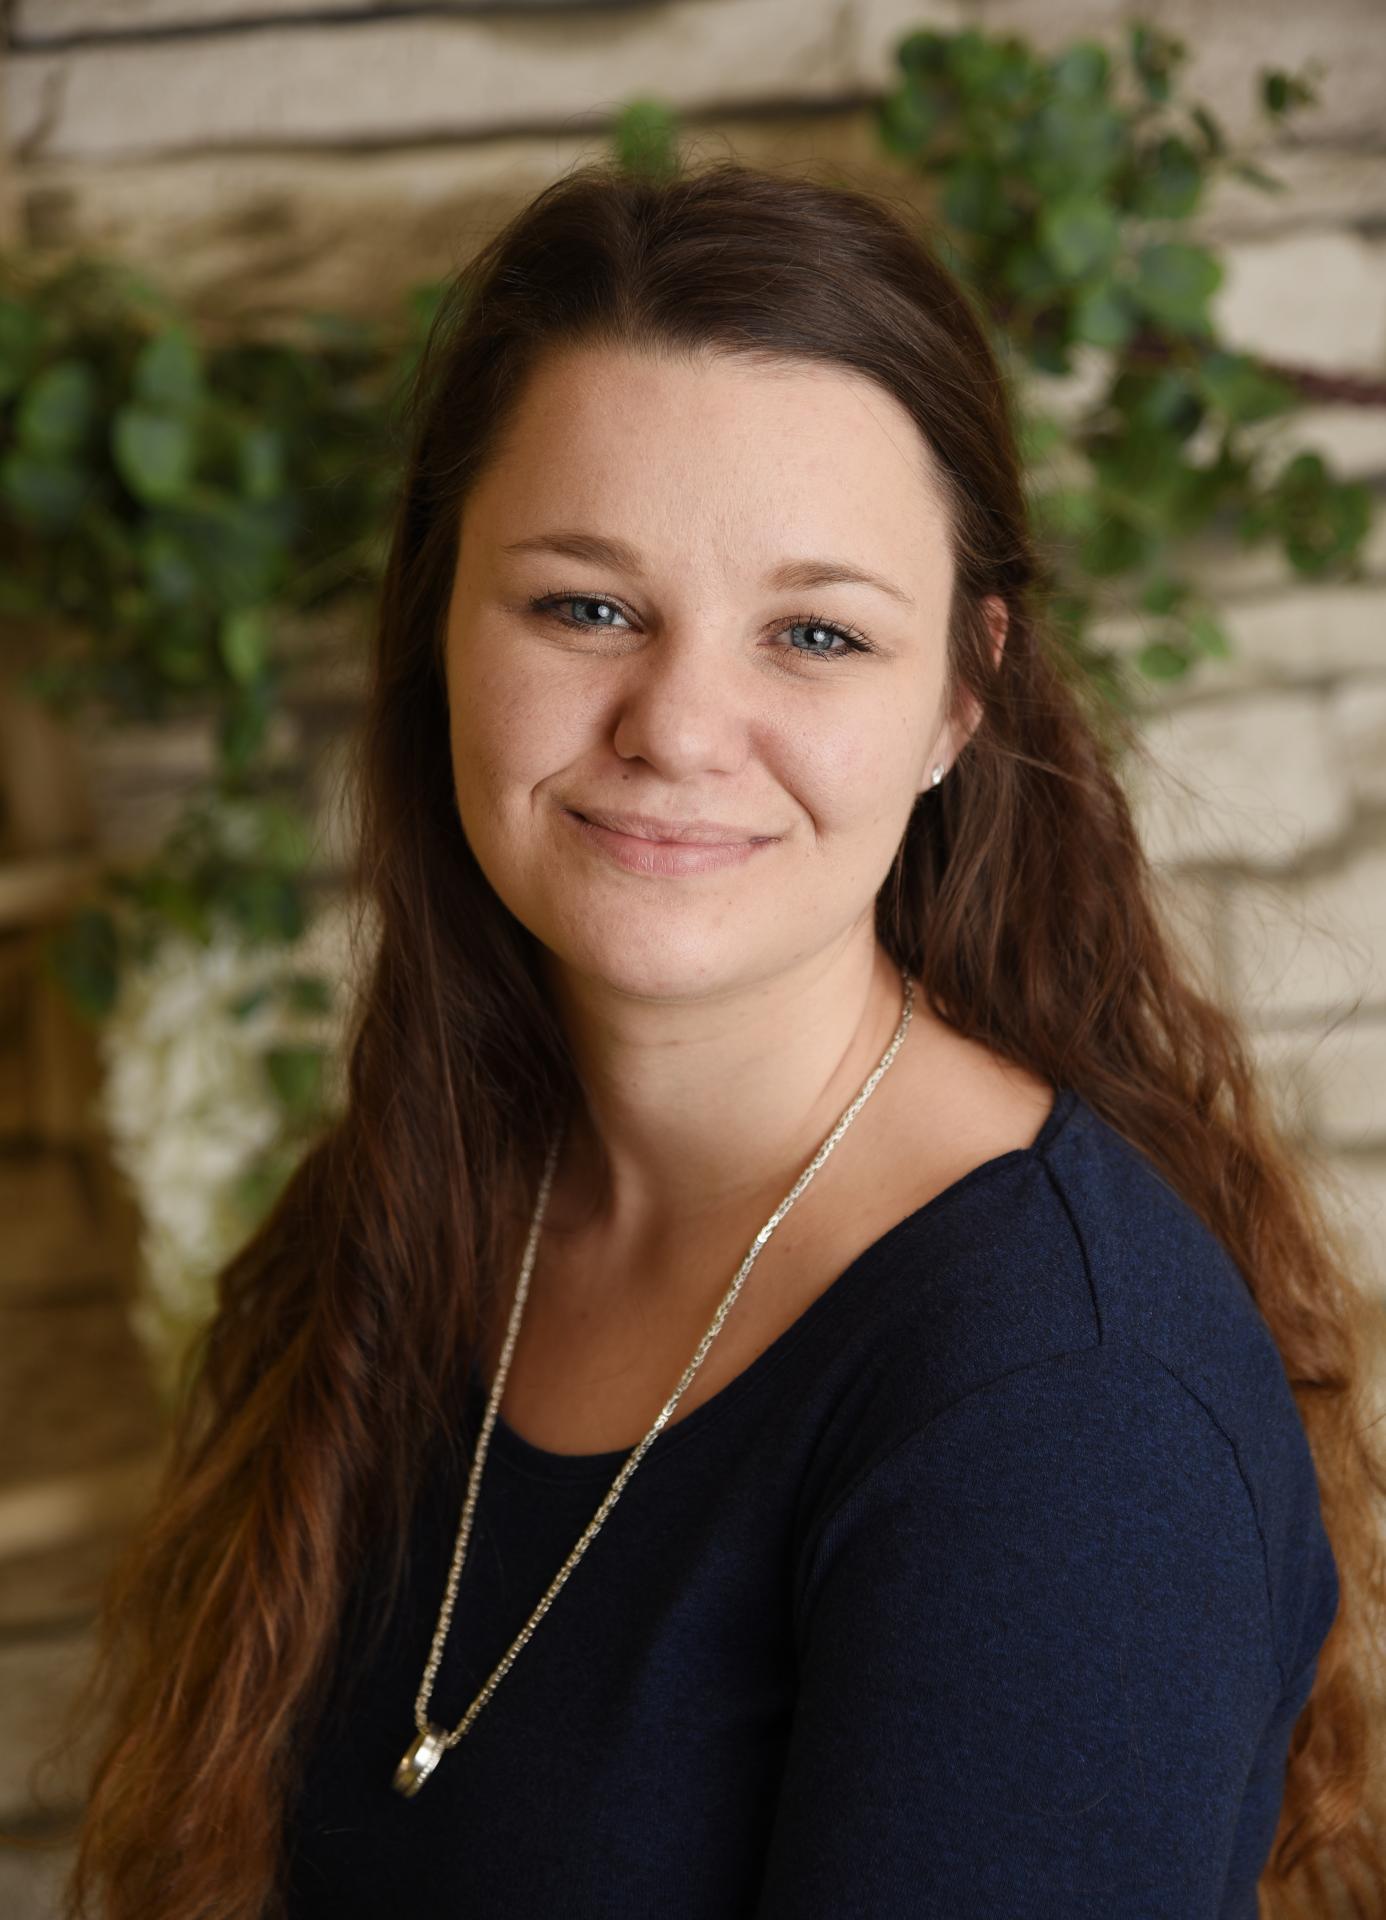 Melissa Maier